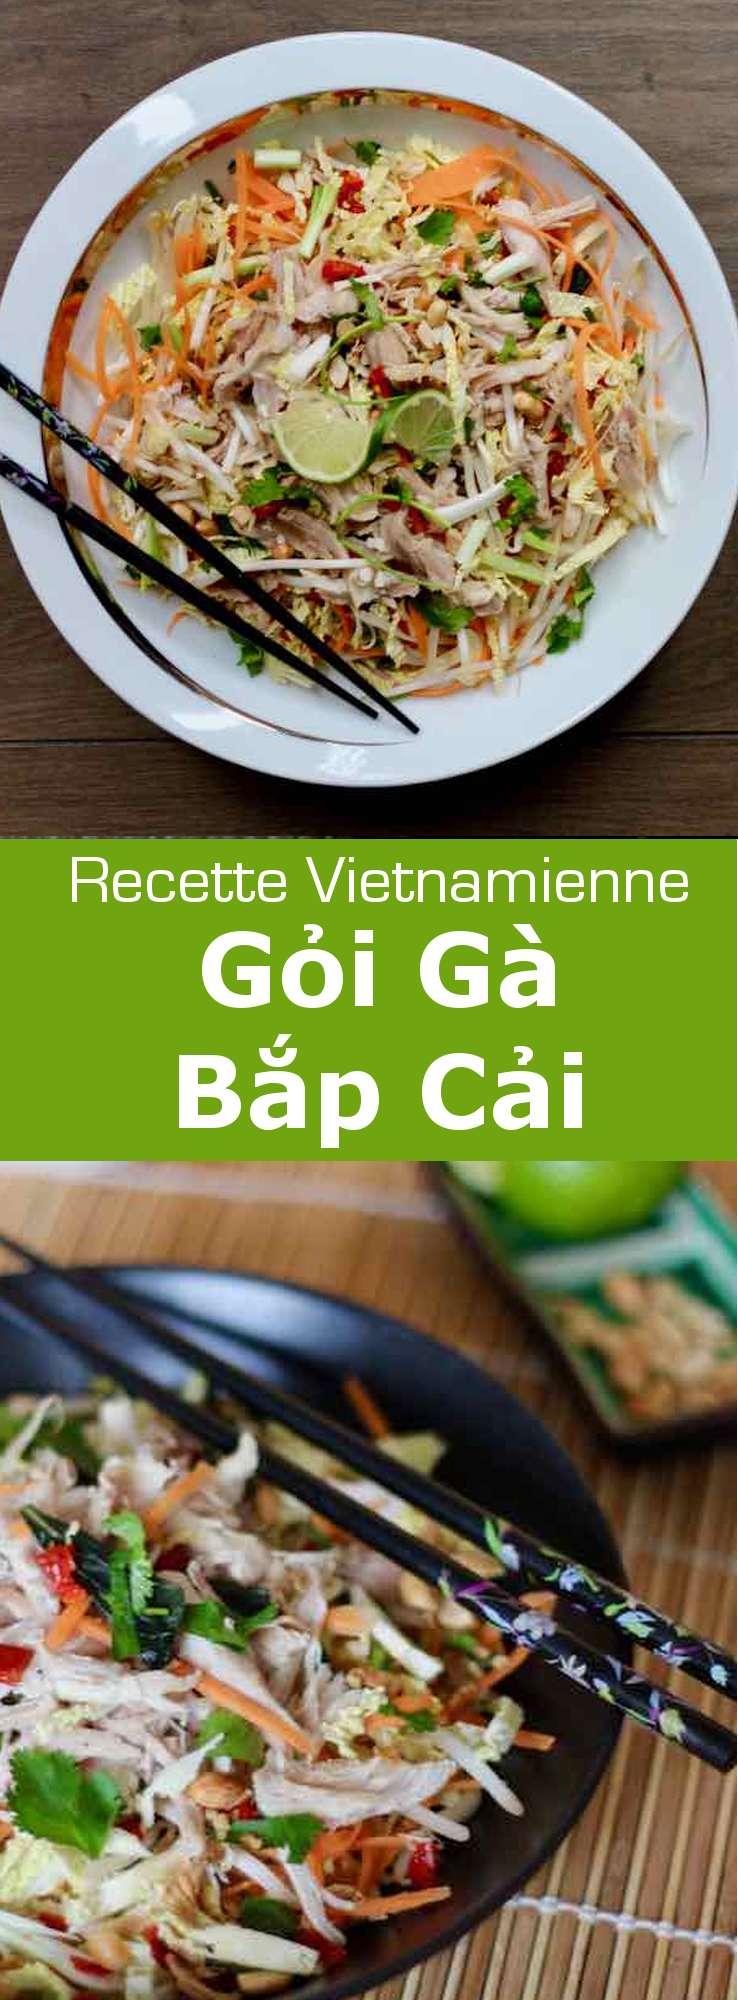 Le gỏi gà bắp cải est une salade traditionnelle de poulet et de chou agréablement parfumée, entre autre, au citron vert et au rau răm. #Vietnam #RecetteVietnamienne #CuisineVietnamienne #CuisineAsiatique #RecetteAsiatique #CuisineDuMonde #196flavors